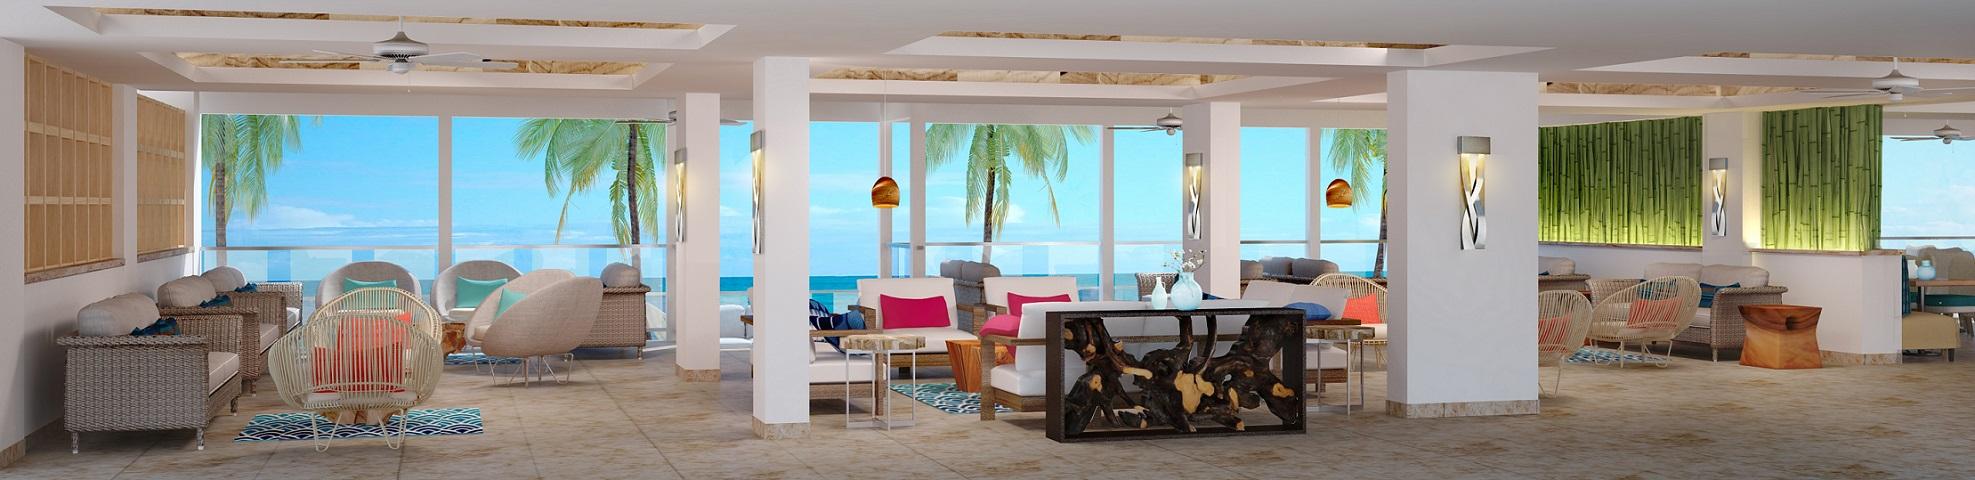 Colony Club Barbados Room Contents